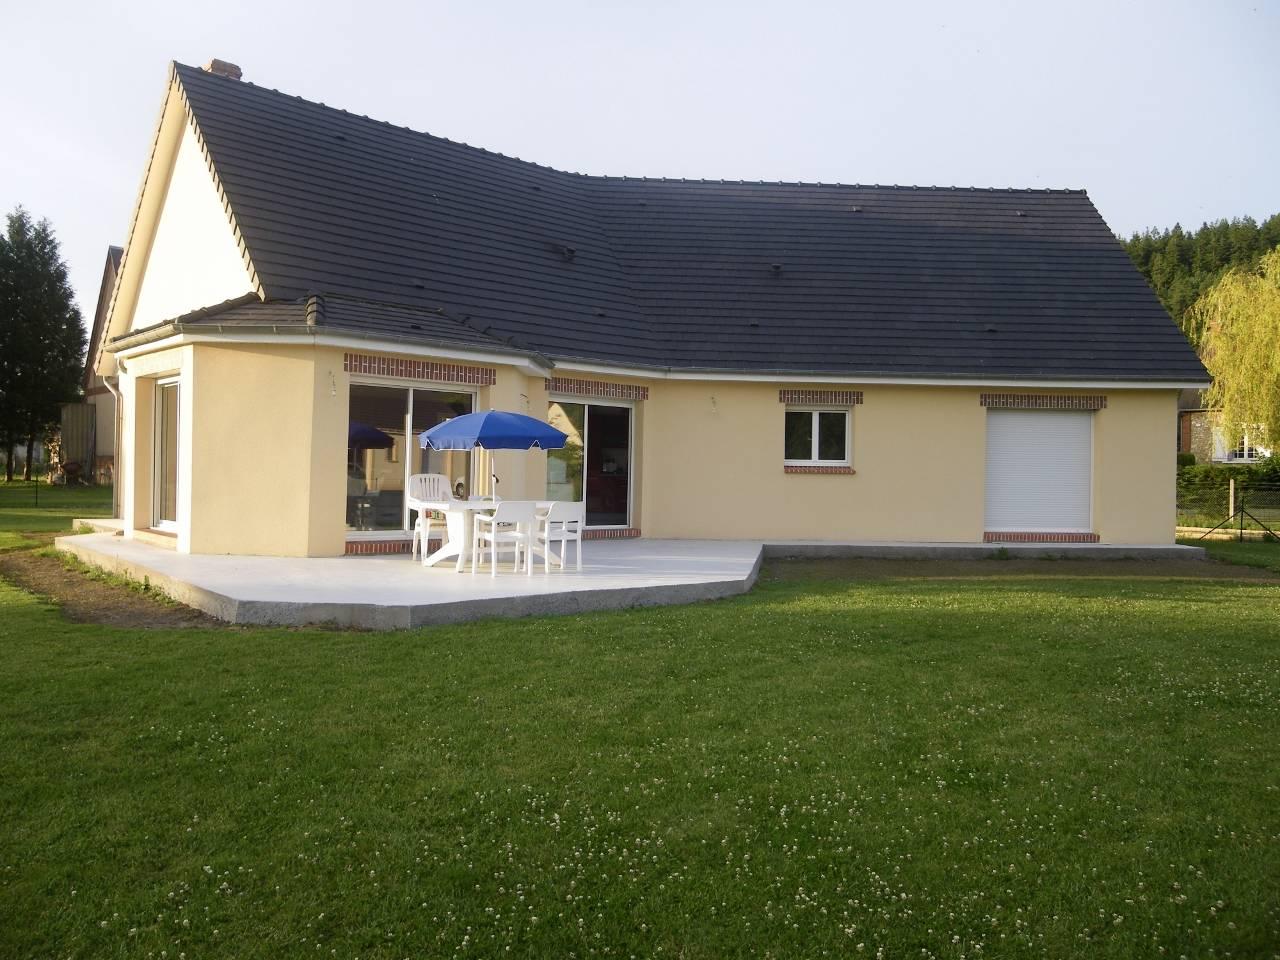 Maison à louer : prenez connaissance du contrat de location